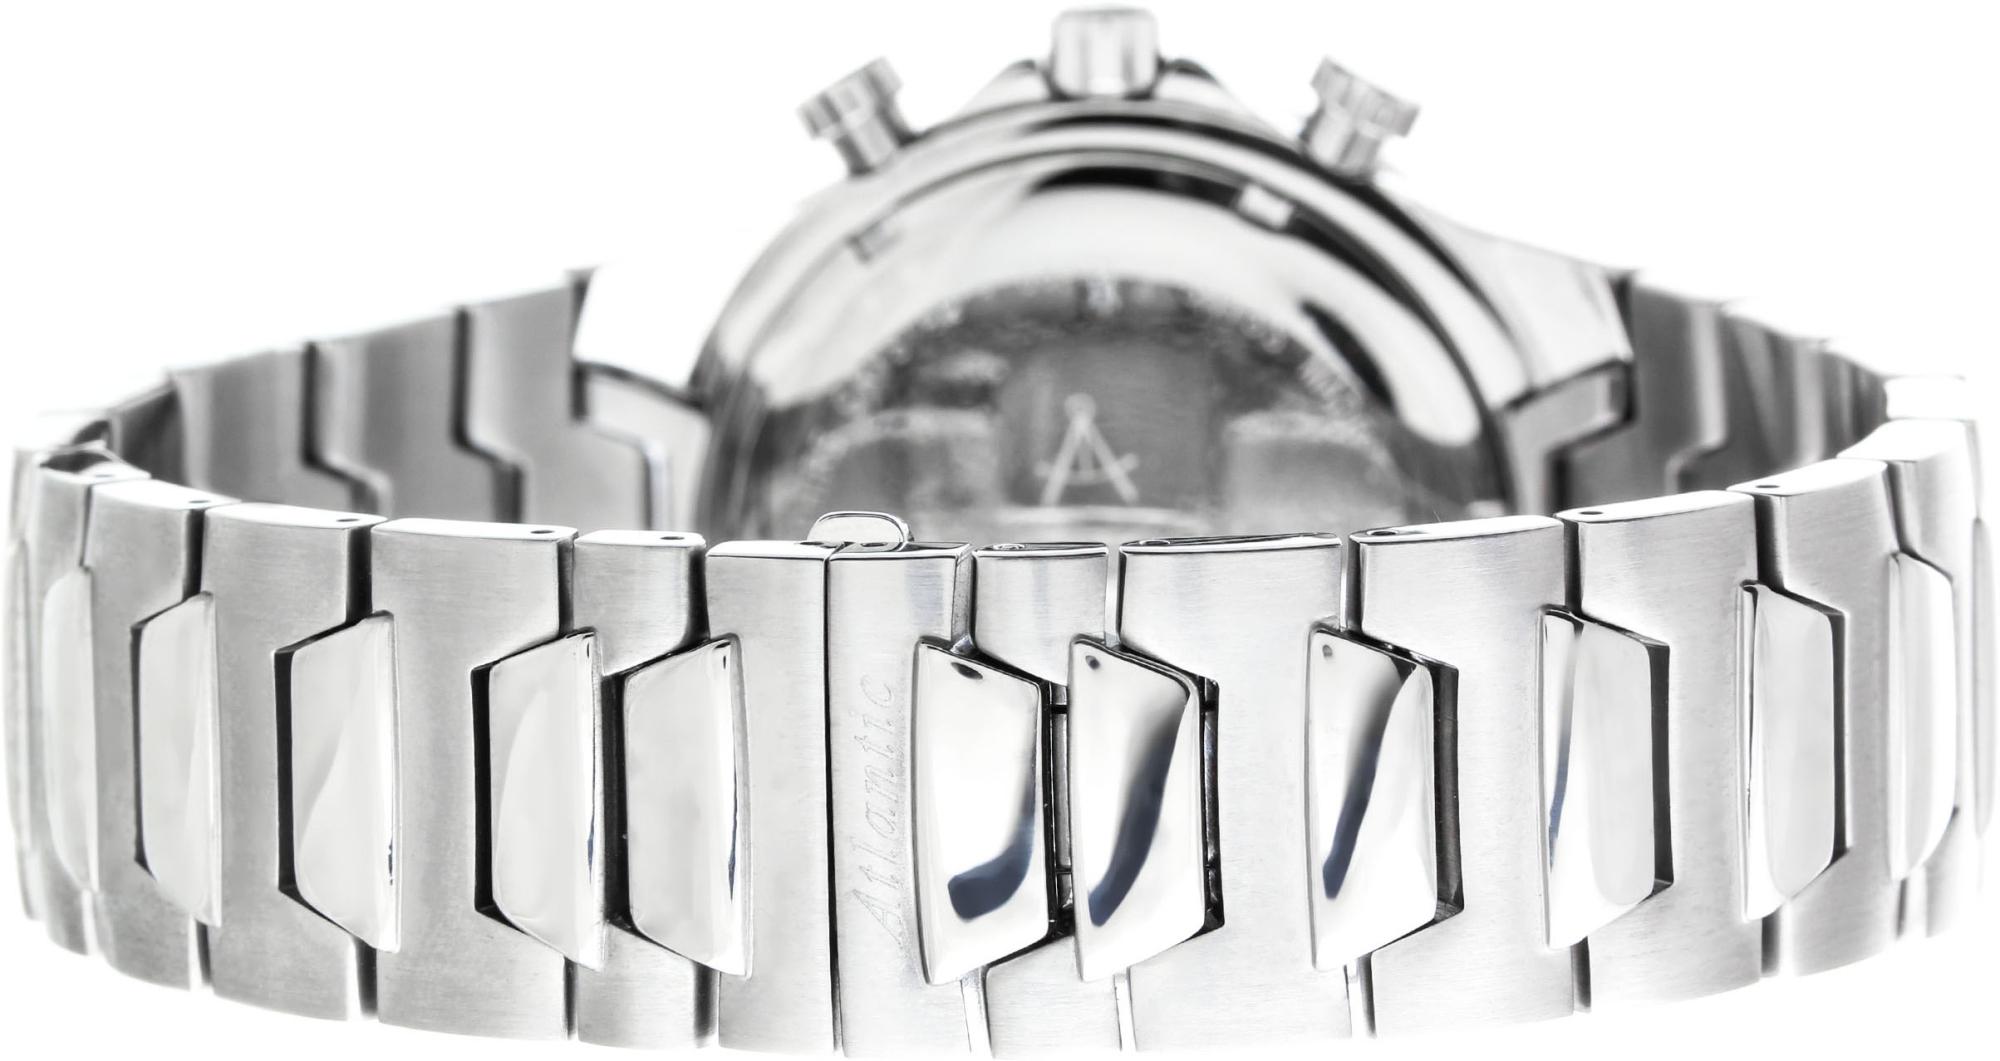 Atlantic Mariner 80476.41.21Наручные часы<br>Швейцарские часы Atlantic Mariner 80476.41.21<br><br>Пол: Мужские<br>Страна-производитель: Швейцария<br>Механизм: Кварцевый<br>Материал корпуса: Сталь<br>Материал ремня/браслета: Сталь<br>Водозащита, диапазон: 200 - 800 м<br>Стекло: Сапфировое<br>Толщина корпуса: None<br>Стиль: Спорт